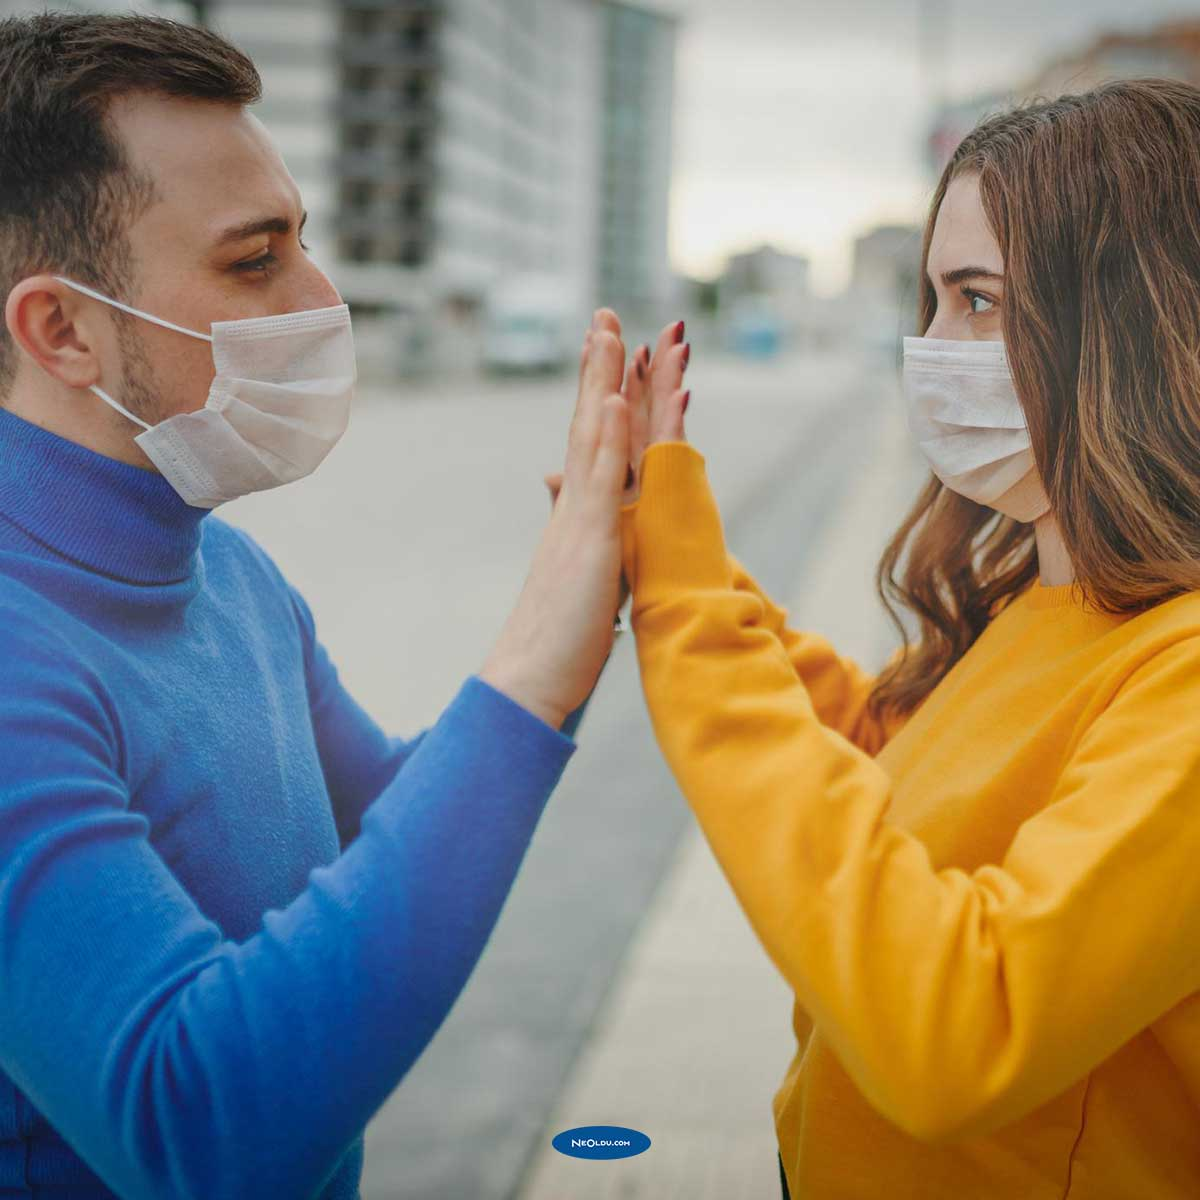 Koronavirüs cinsel yolla bulaşır mı